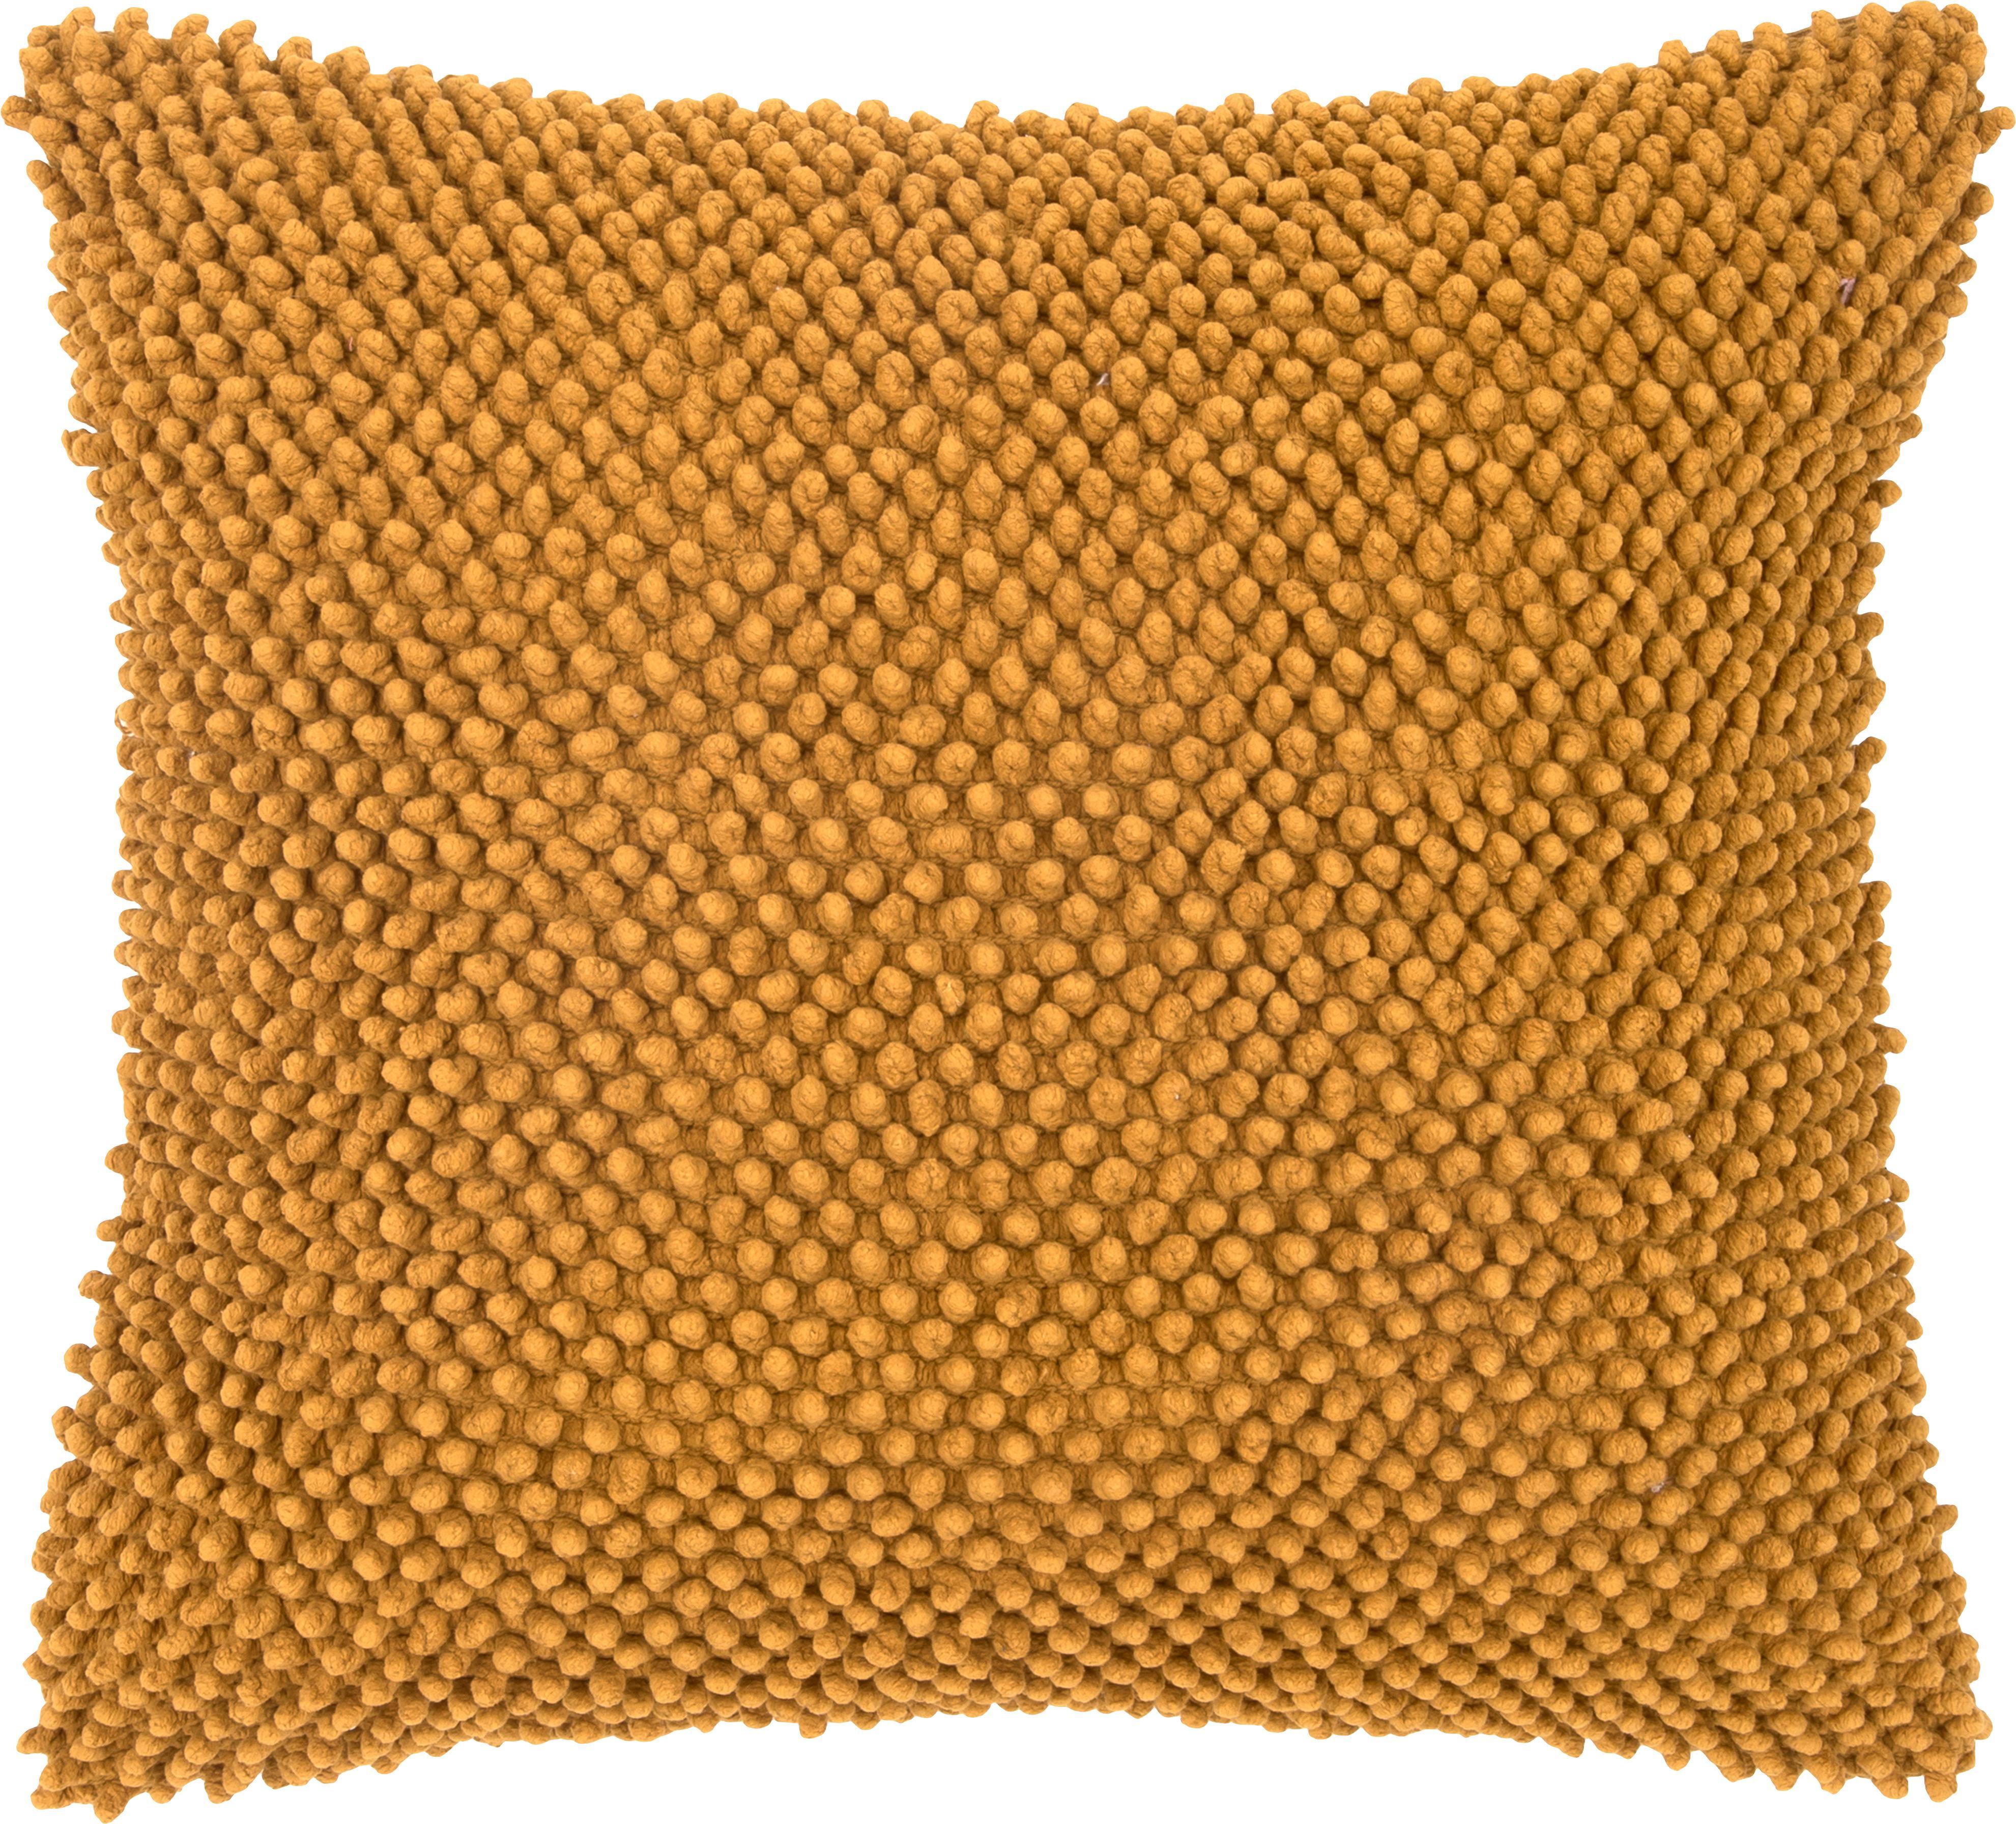 Kissenhülle Indi mit strukturierter Oberfläche in Gelb, 100% Baumwolle, Gelb, 45 x 45 cm